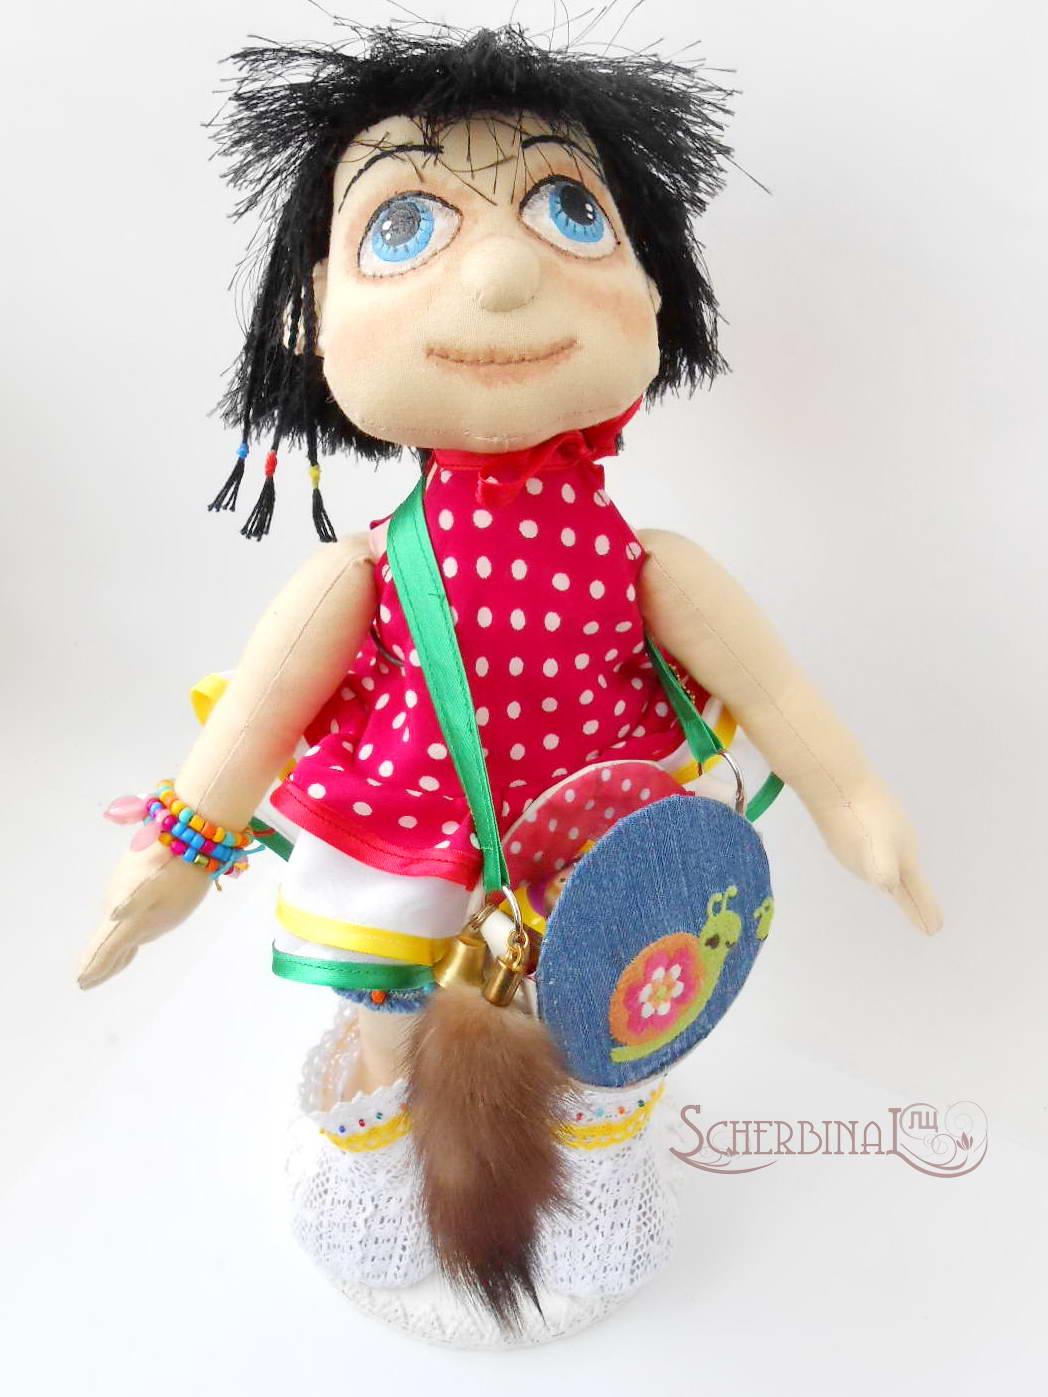 Текстильная игровая кукла-карамелька Людмилы Щербина. Авторские игрушки ручной работы